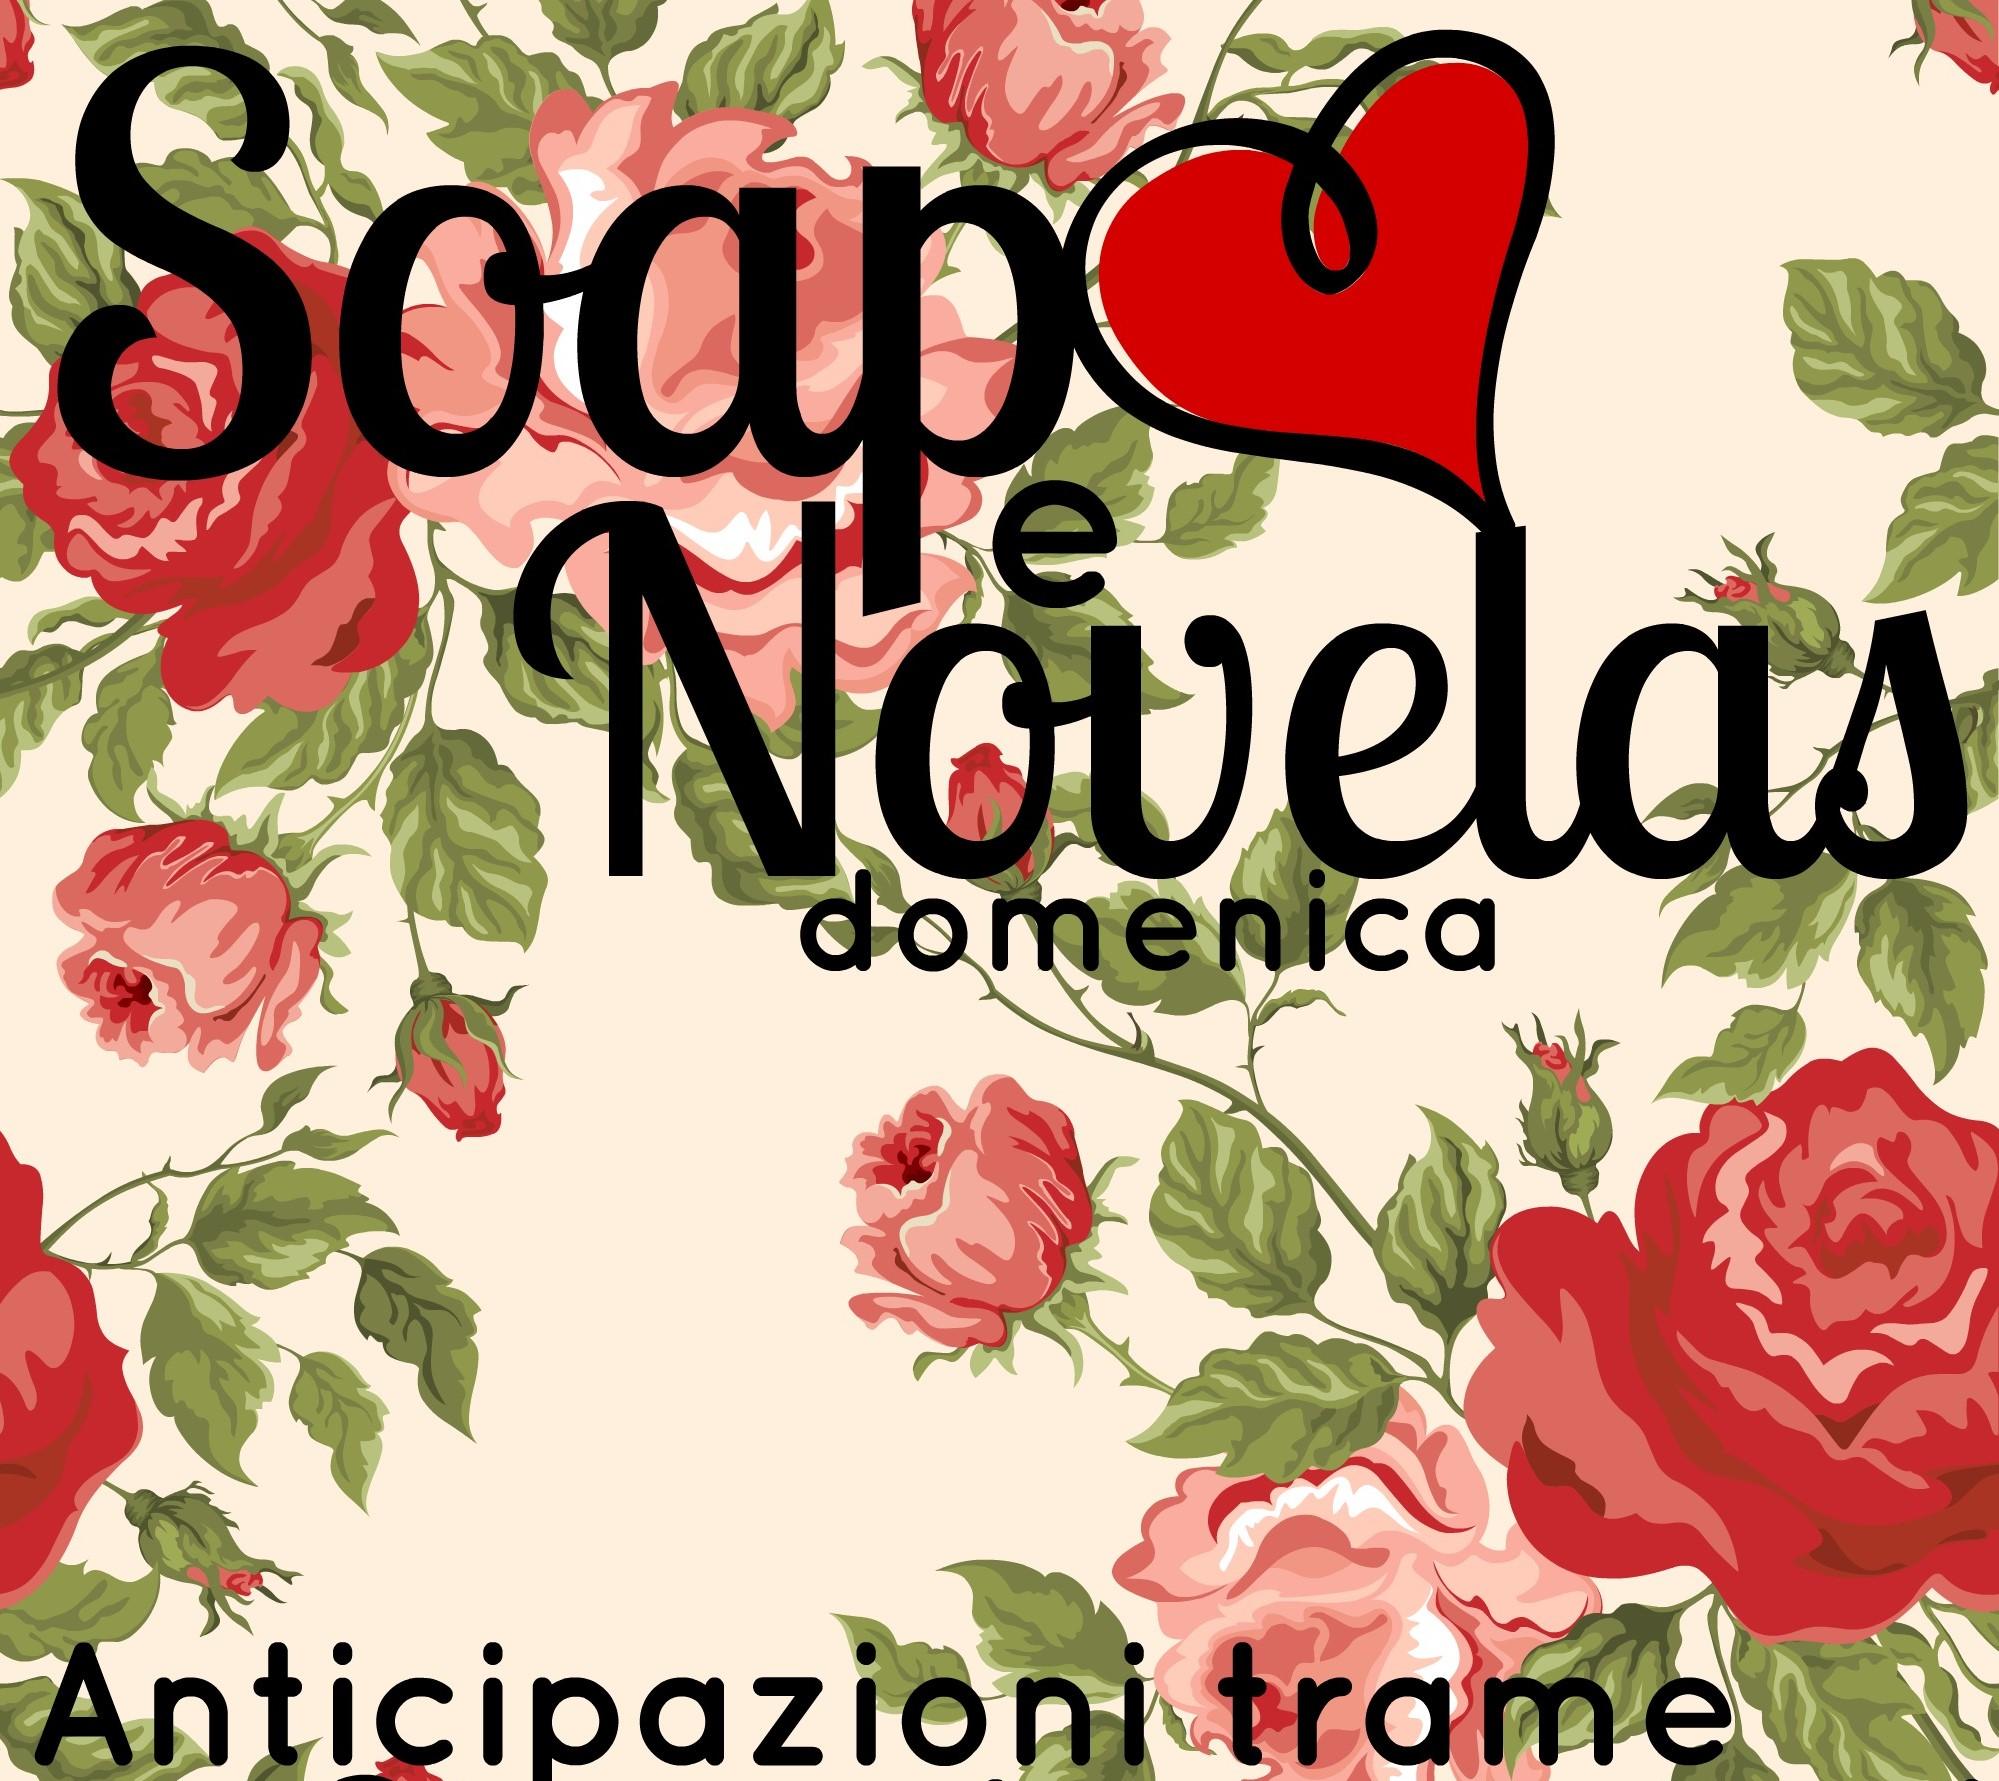 SOAP&NOVELAS ANTICIPAZIONI TRAME 28 DICEMBRE-2 GENNAIO 2015: BEAUTIFUL, CENTOVETRINE, UN POSTO AL SOLE, IL SEGRETO, TEMPESTA D'AMORE Soap domenica (2)